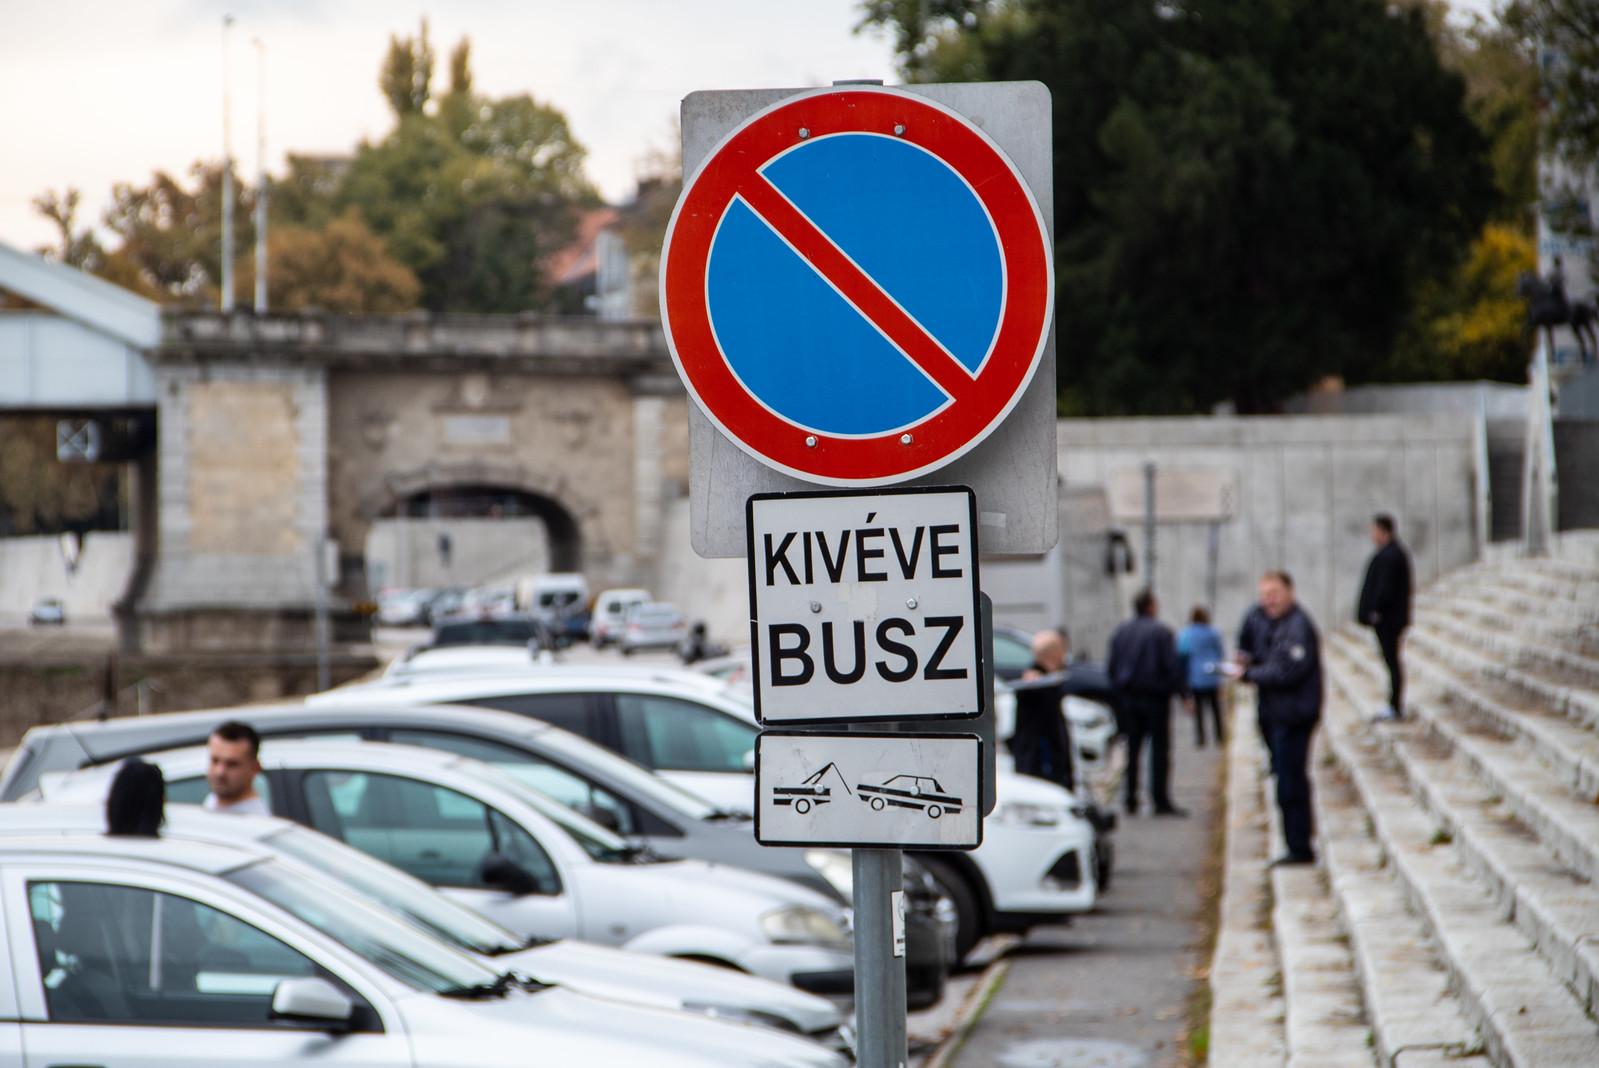 Tucatjával büntetik az autókat a rakparton